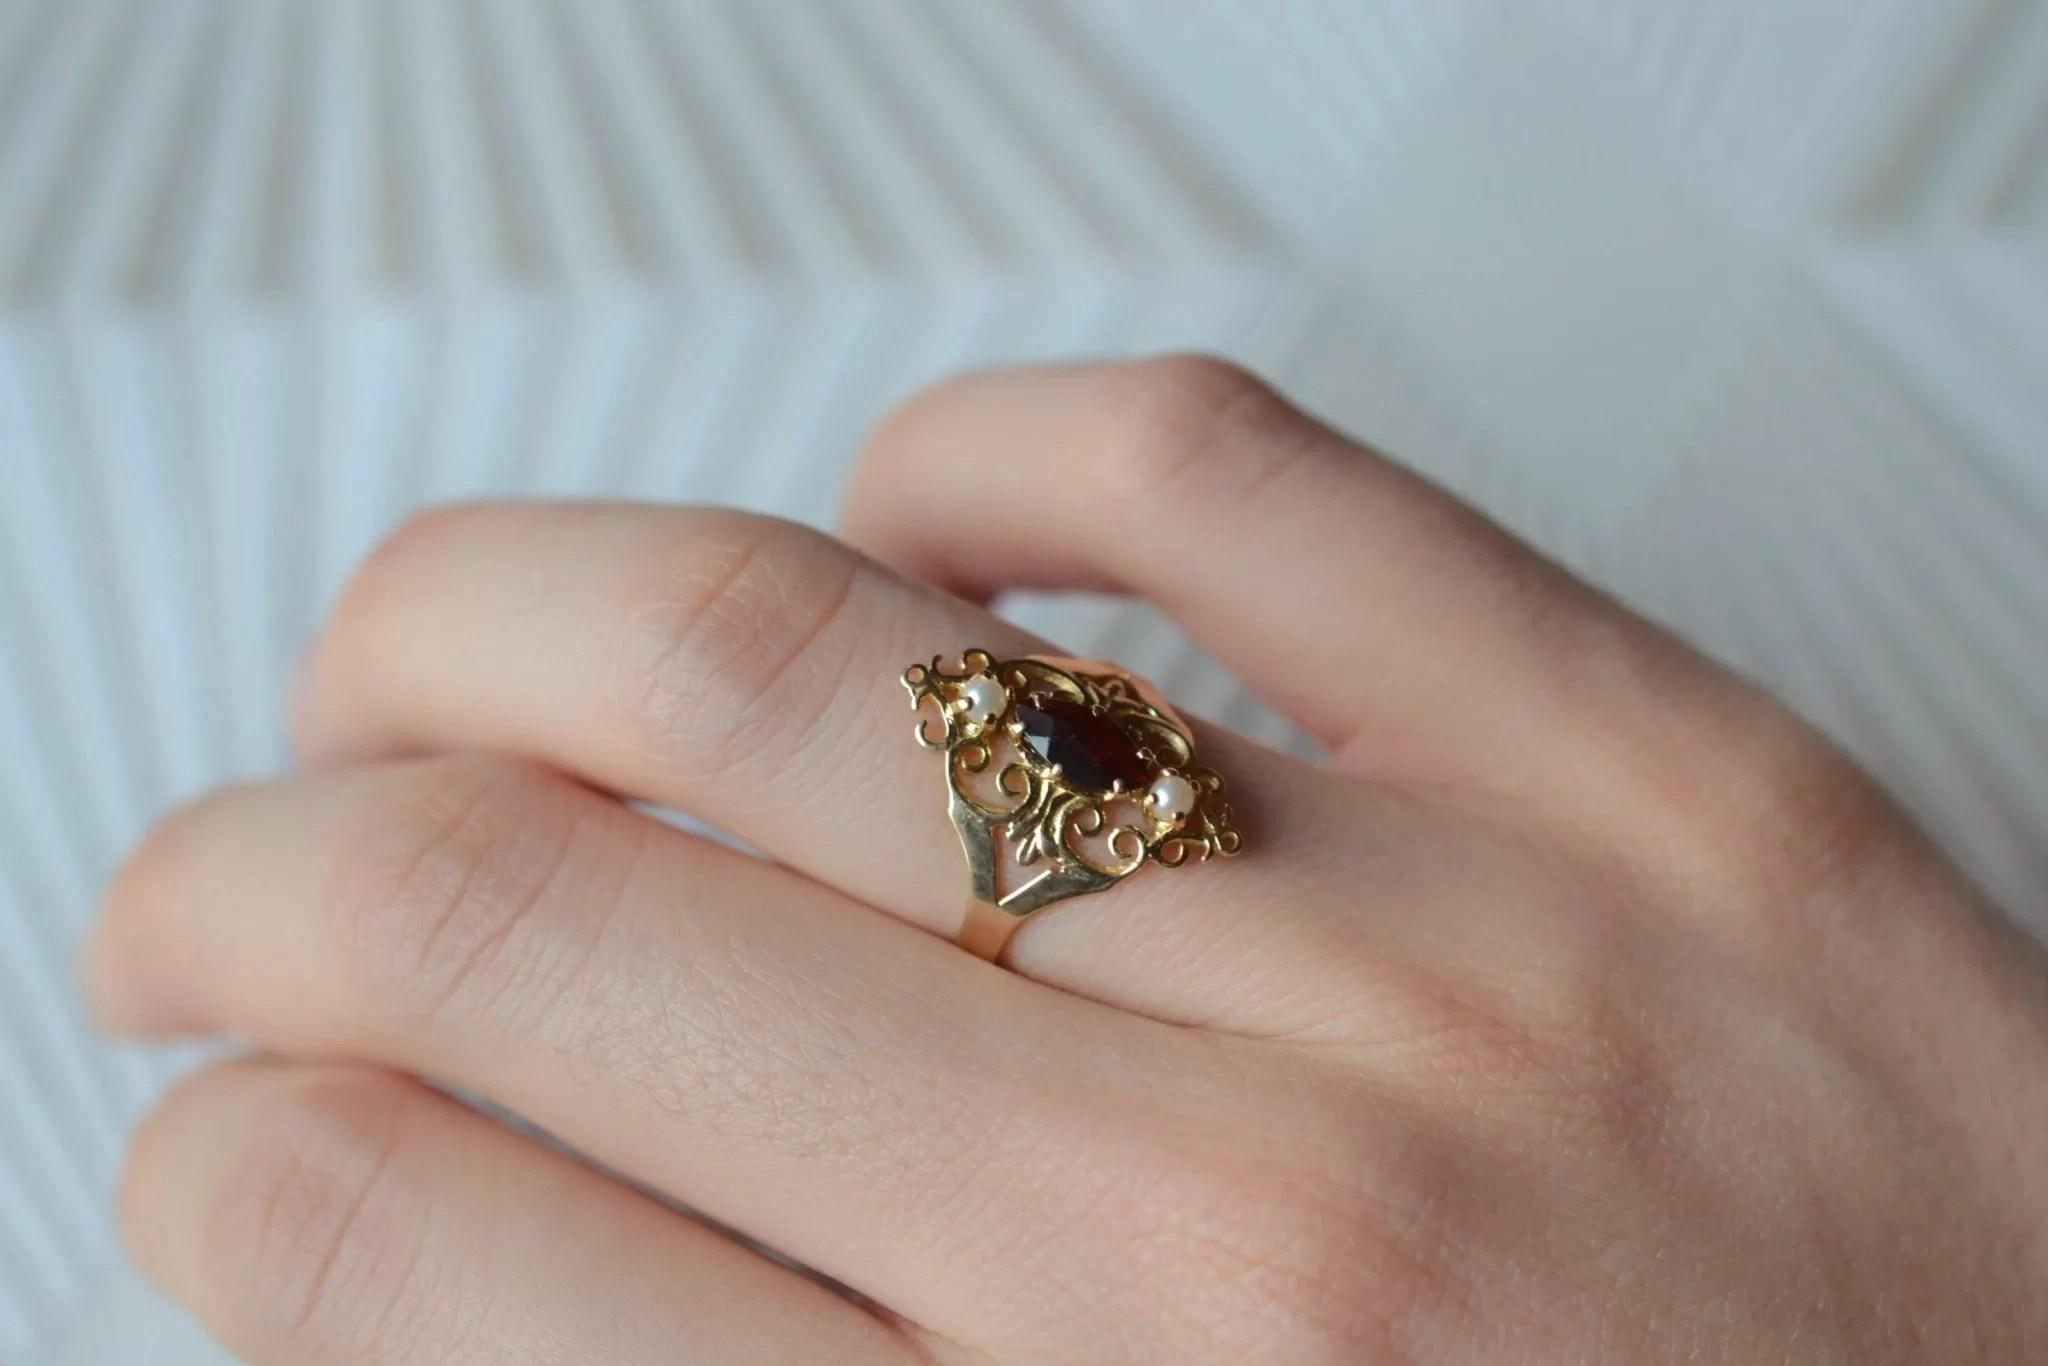 Bague en Or jaune ornée d_une pierre bordeaux accompagnée de deux perles - bague rétro